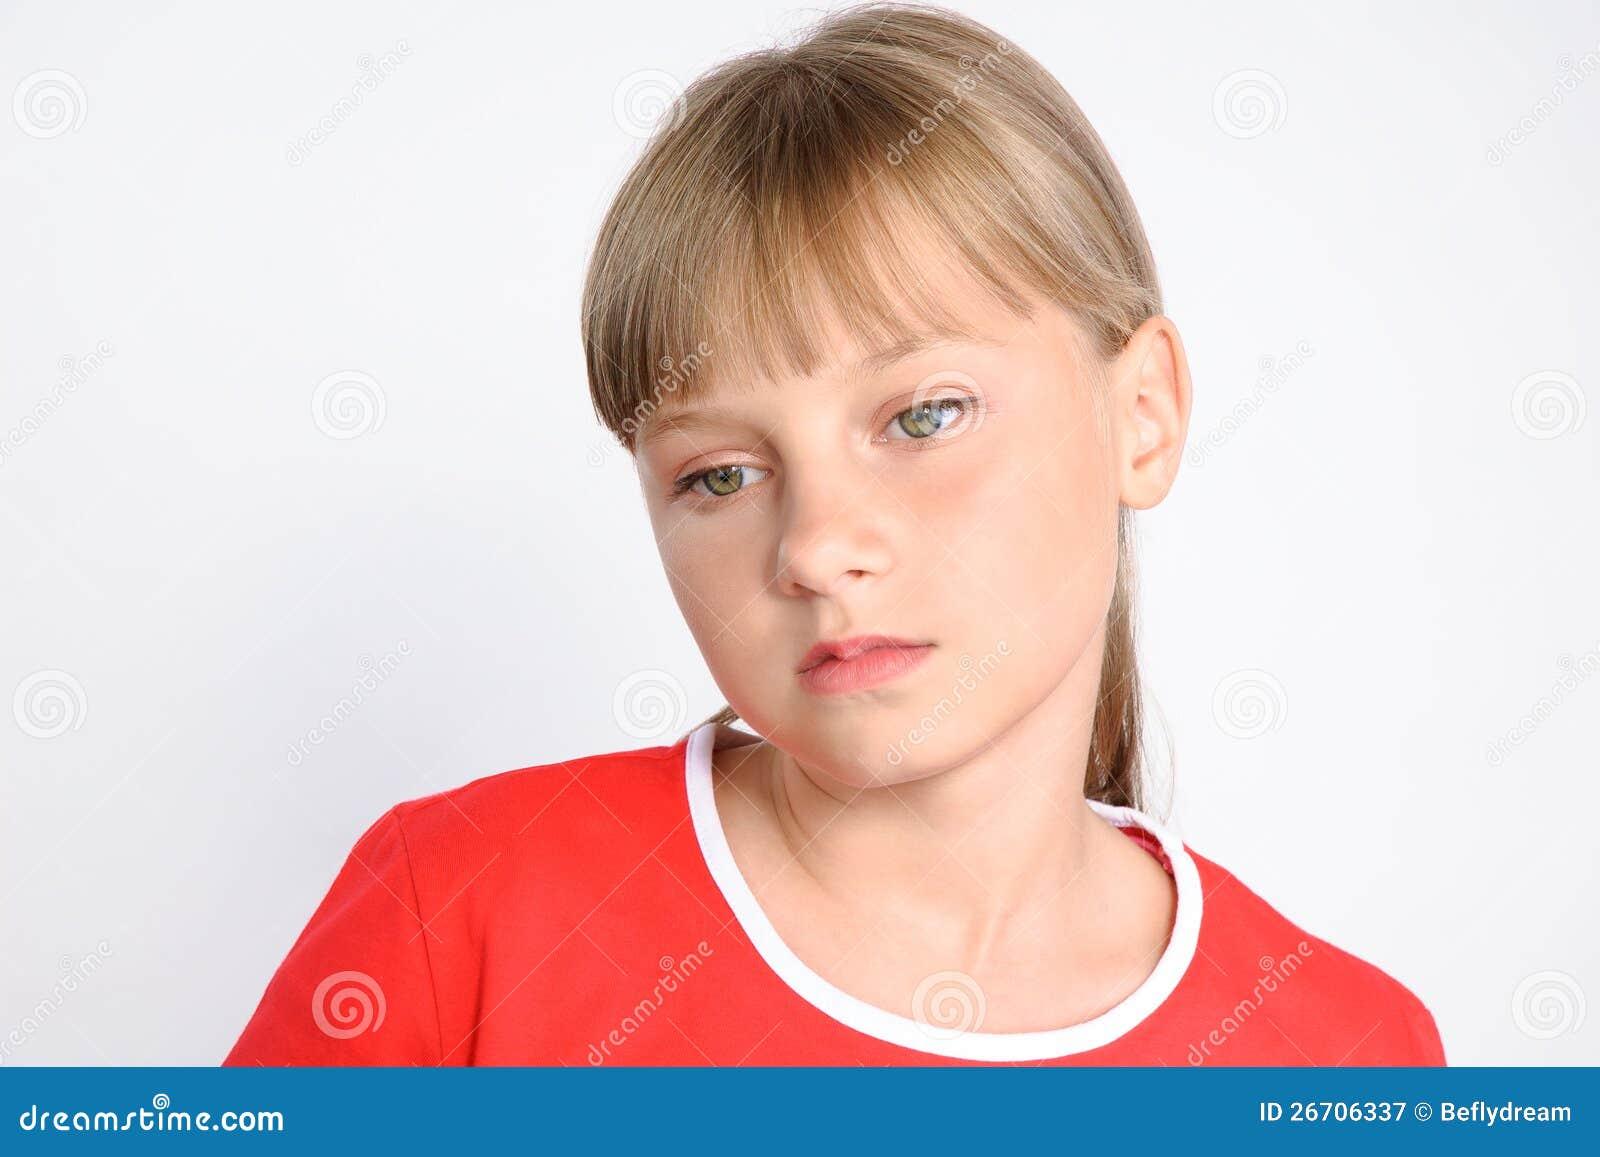 Droevig preteen meisje de problemen van de tiener royalty vrije stock fotografie afbeelding - Tiener meisje foto ...